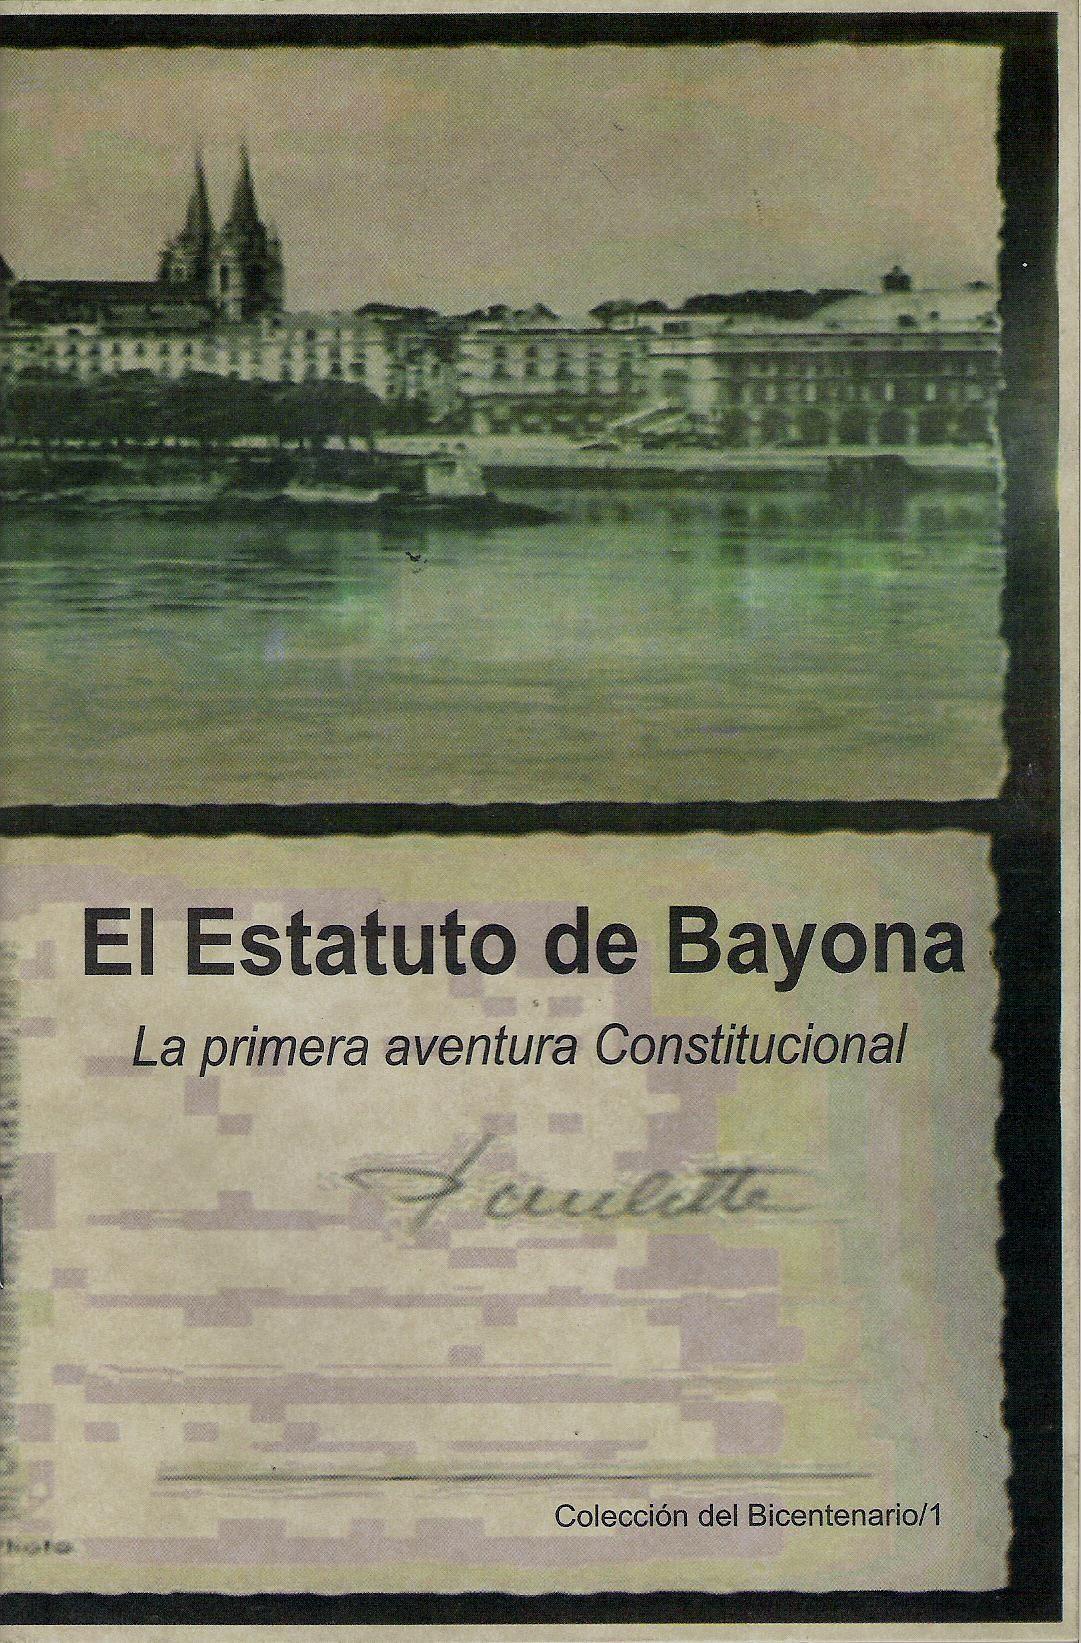 El estatuto de Bayona (La primera aventura constitucional 001